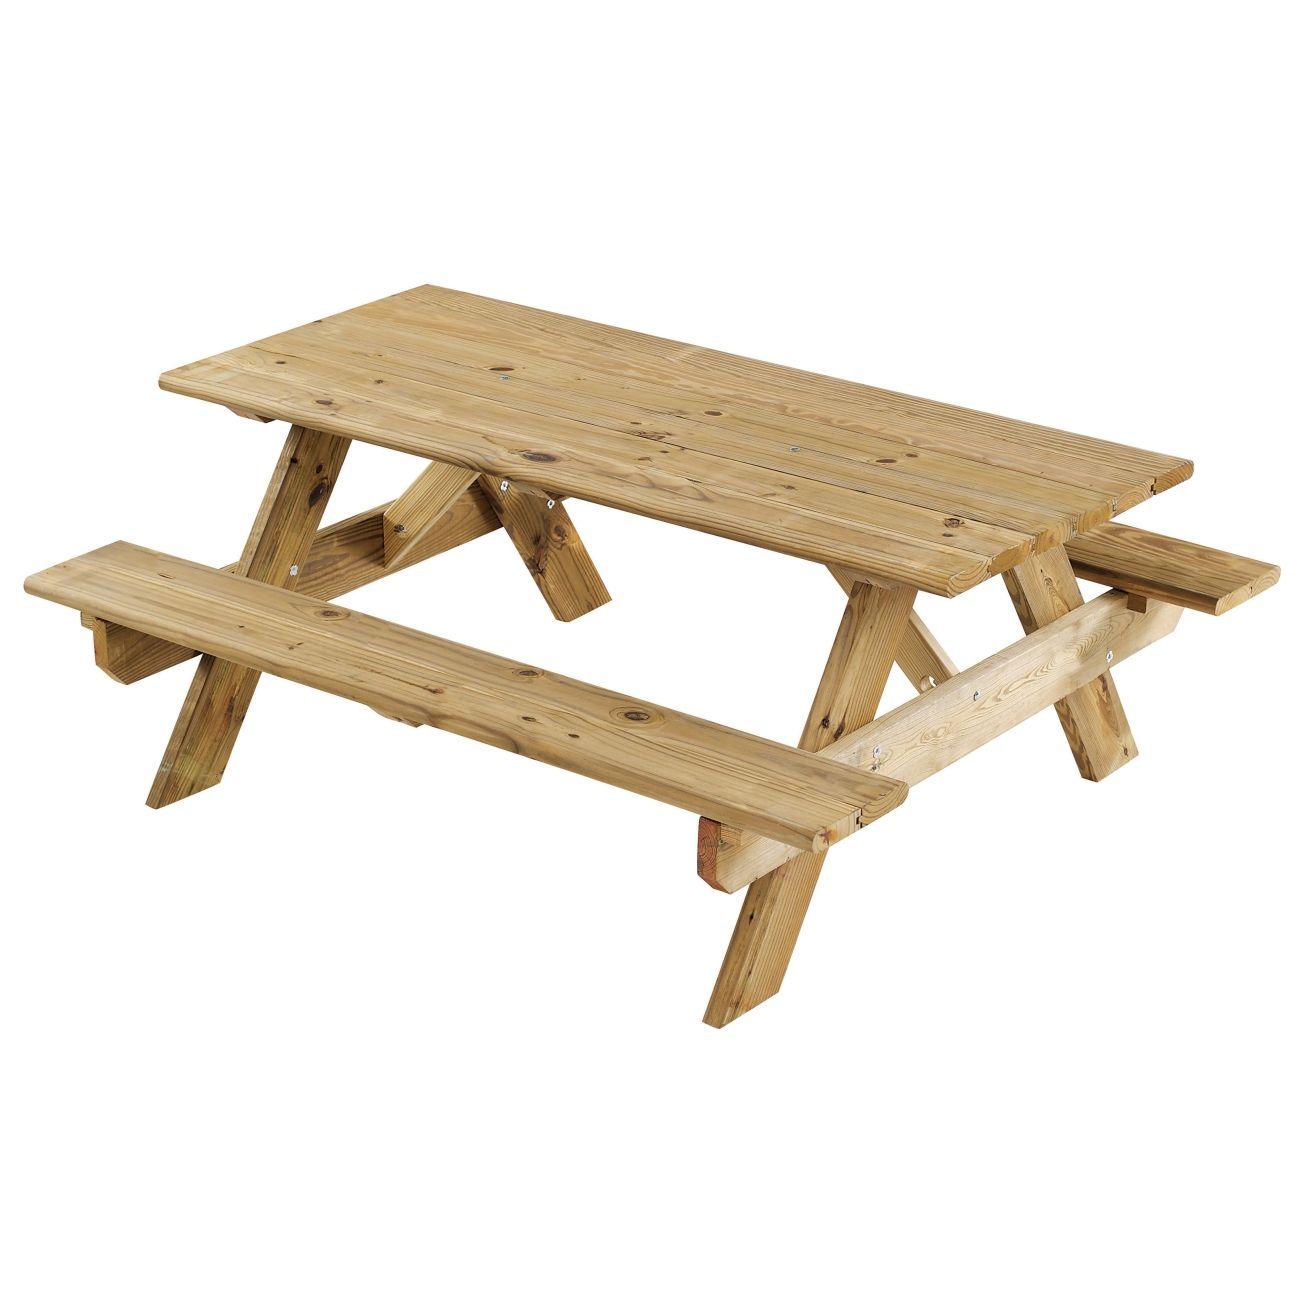 georgia vitrified 6ft wood picnic table pt6d mcq kd picnic